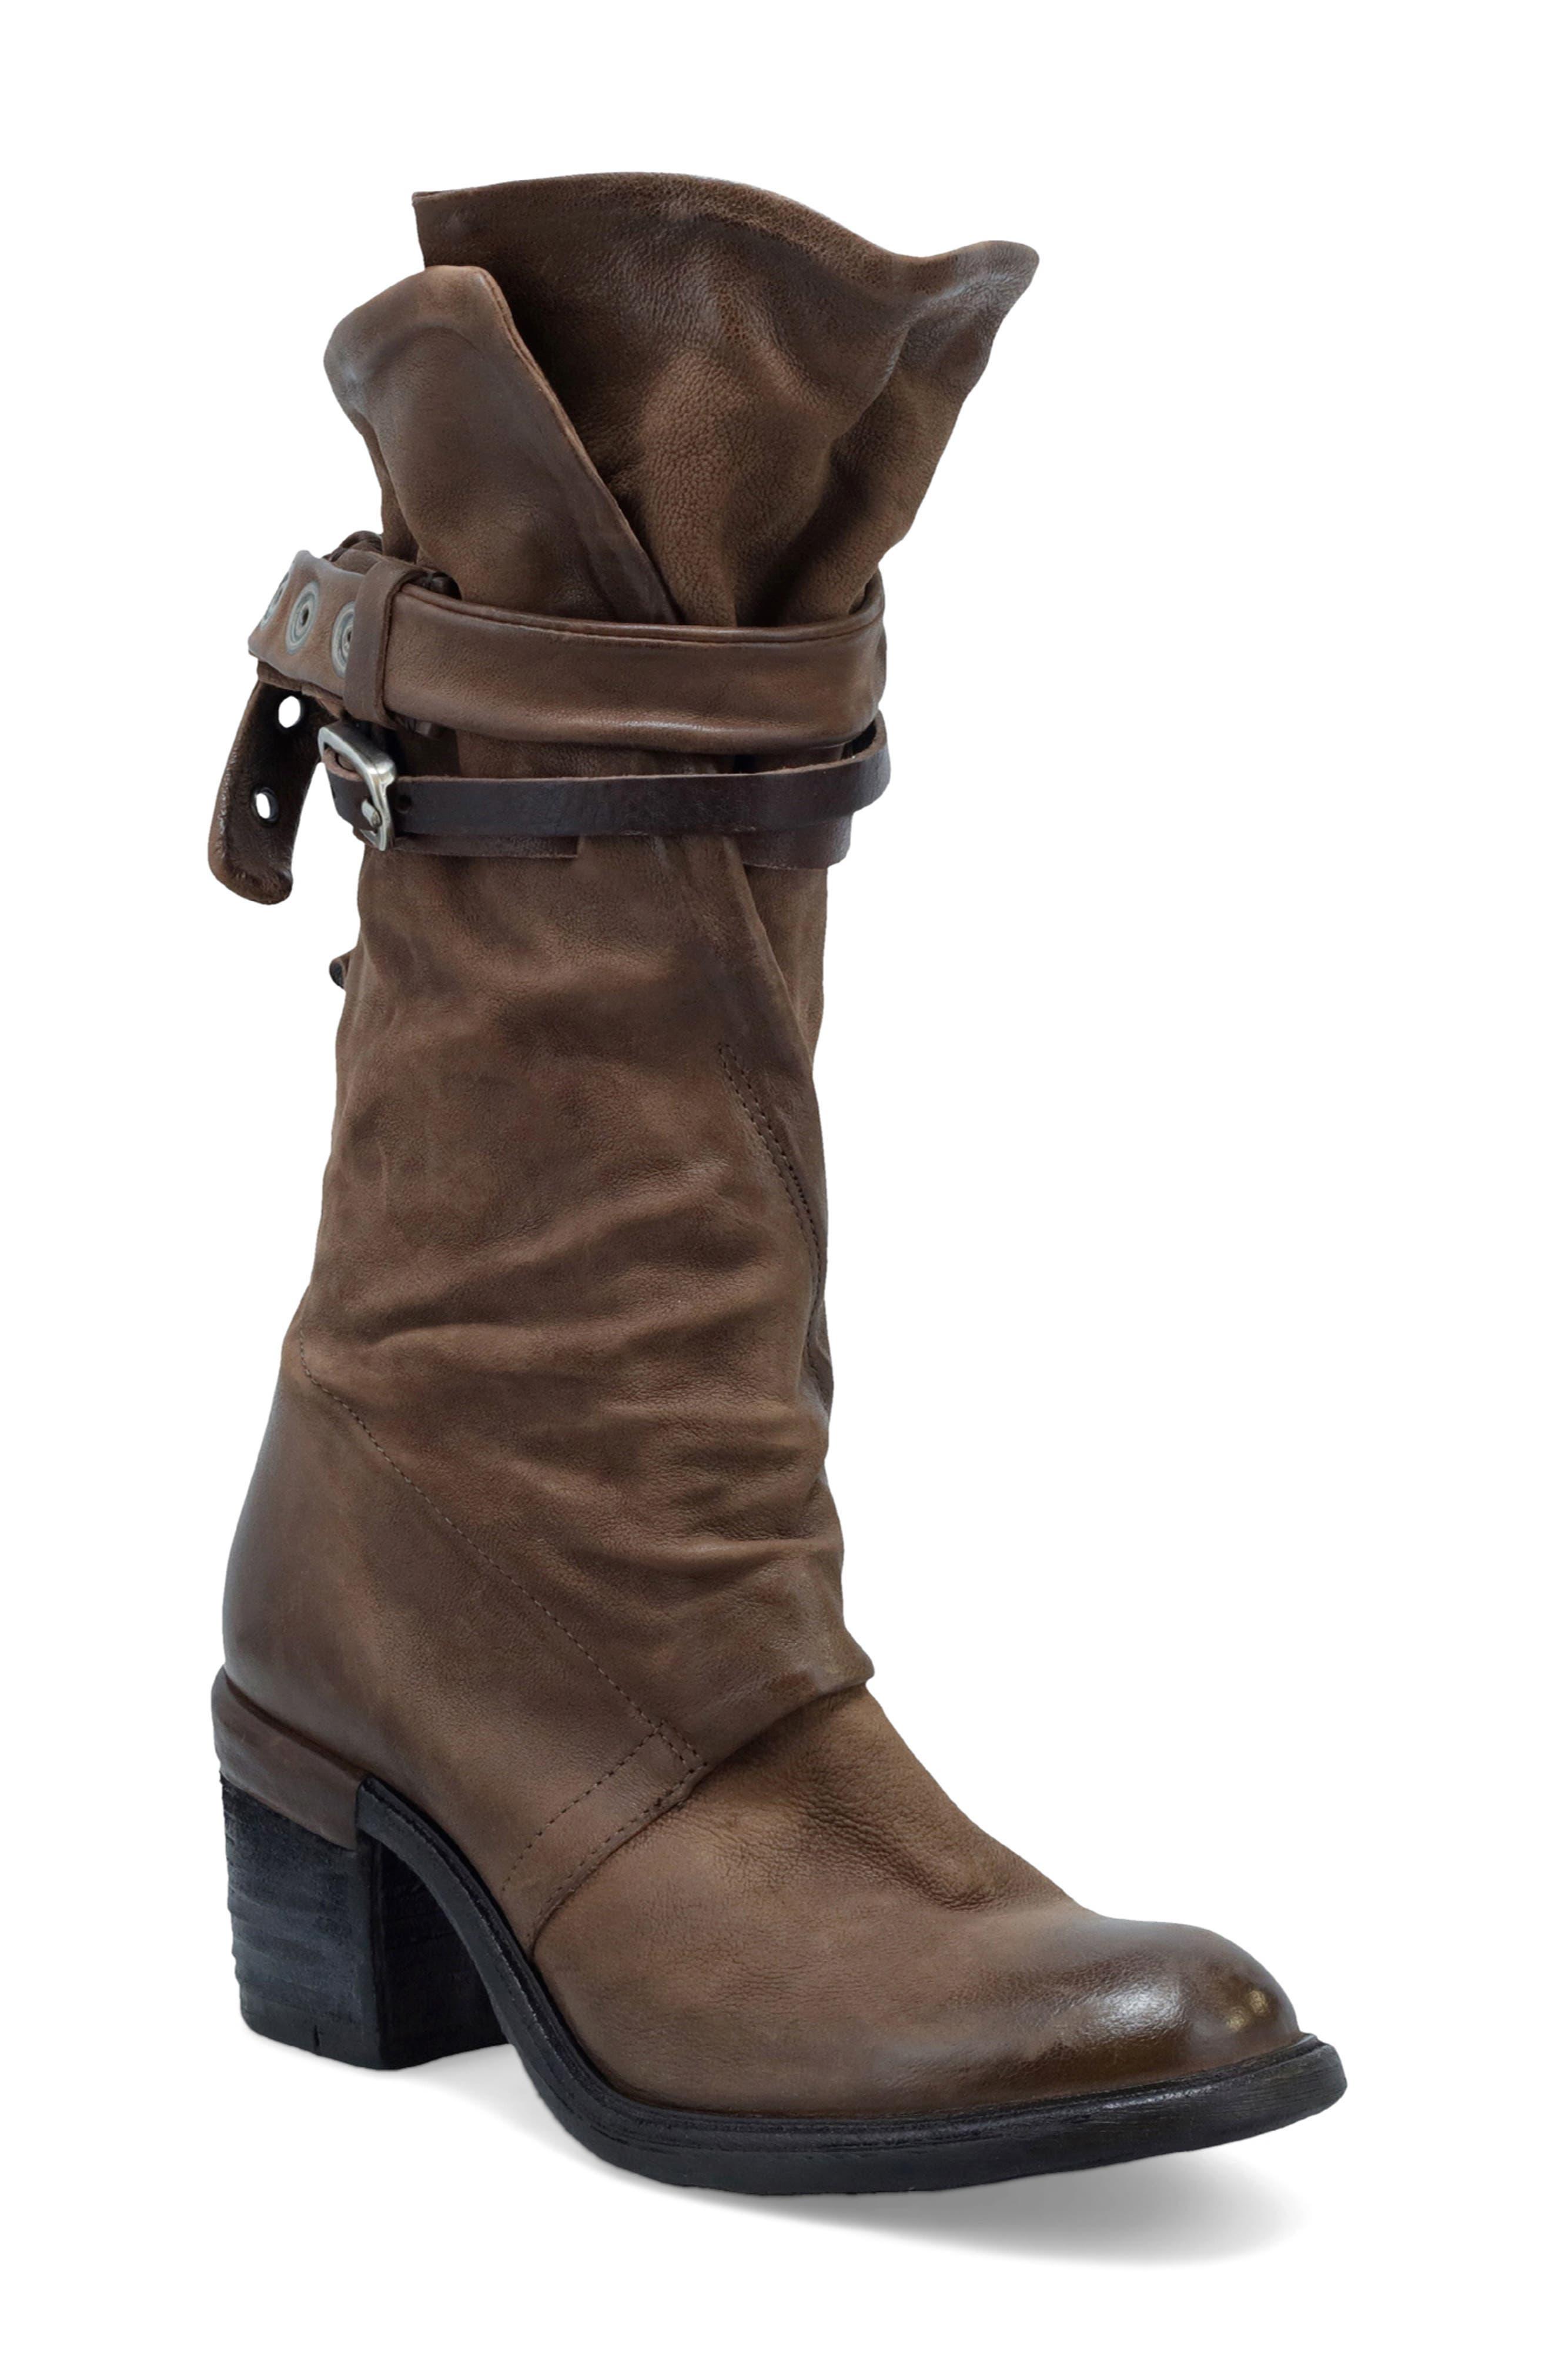 Women's A.s.98 Judd Boot